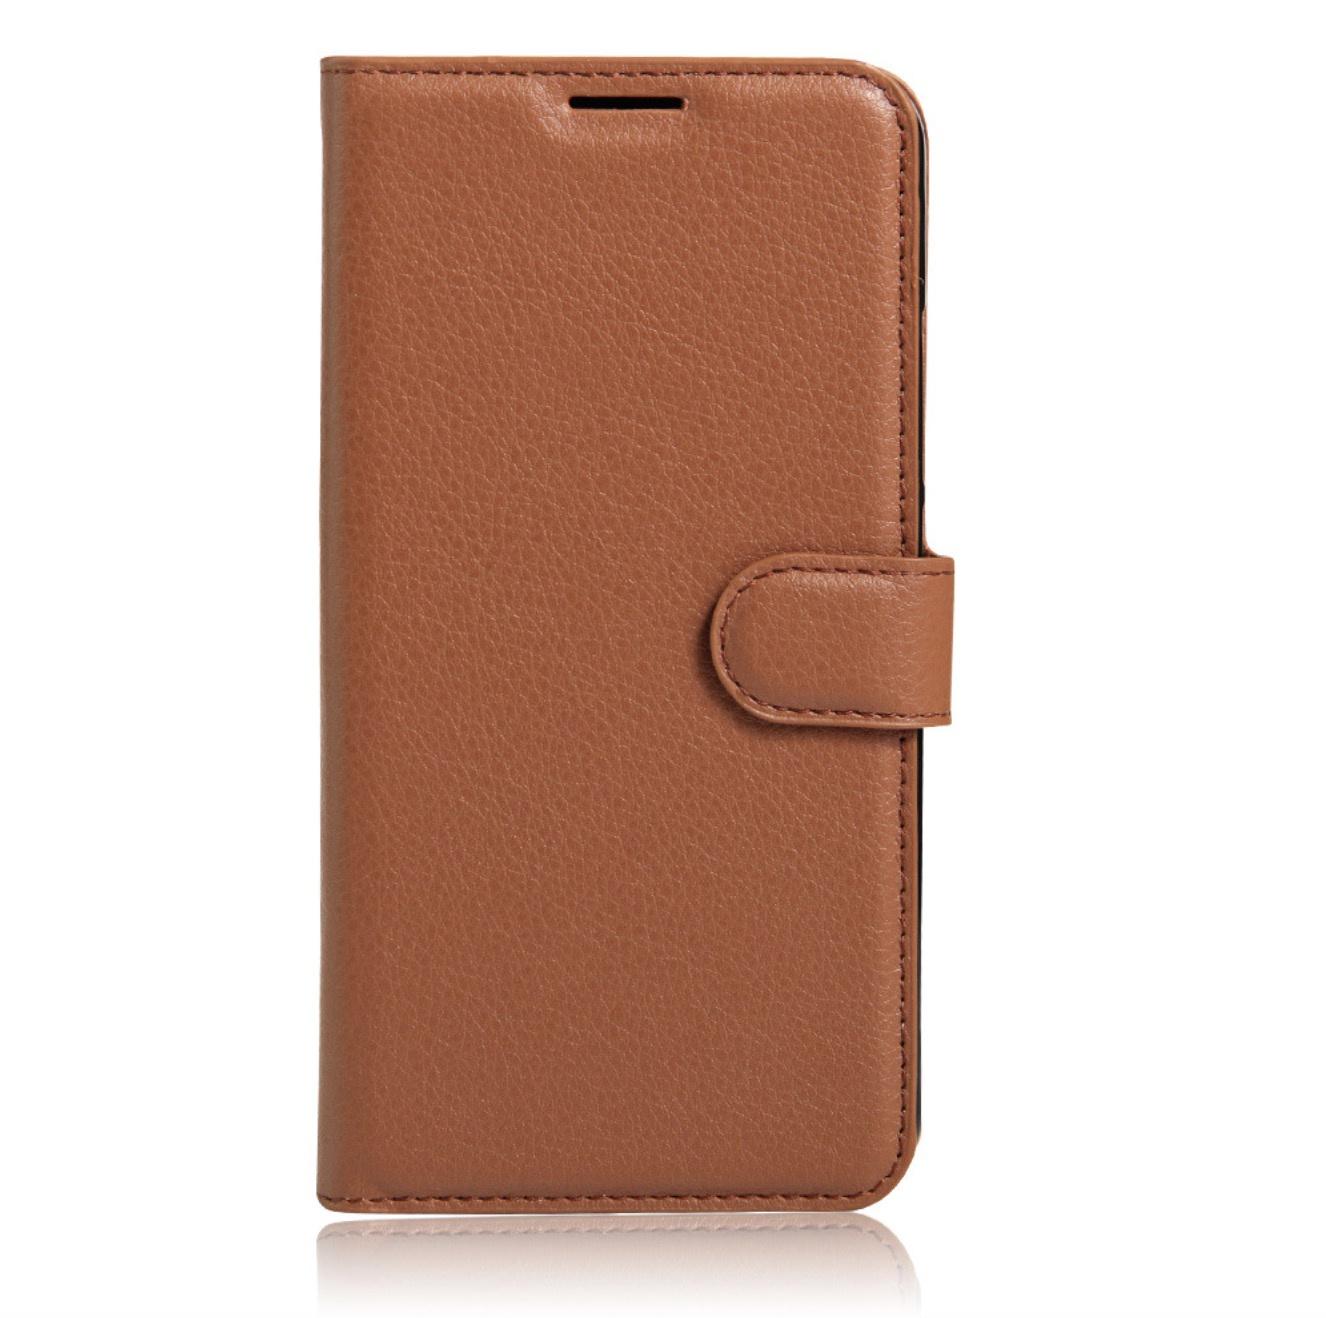 Чехол для сотового телефона MyPads для HTC Desire 530 Dual SIm ( LTE 4G / 530U / EEA) с мульти-подставкой застёжкой и визитницей коричневый